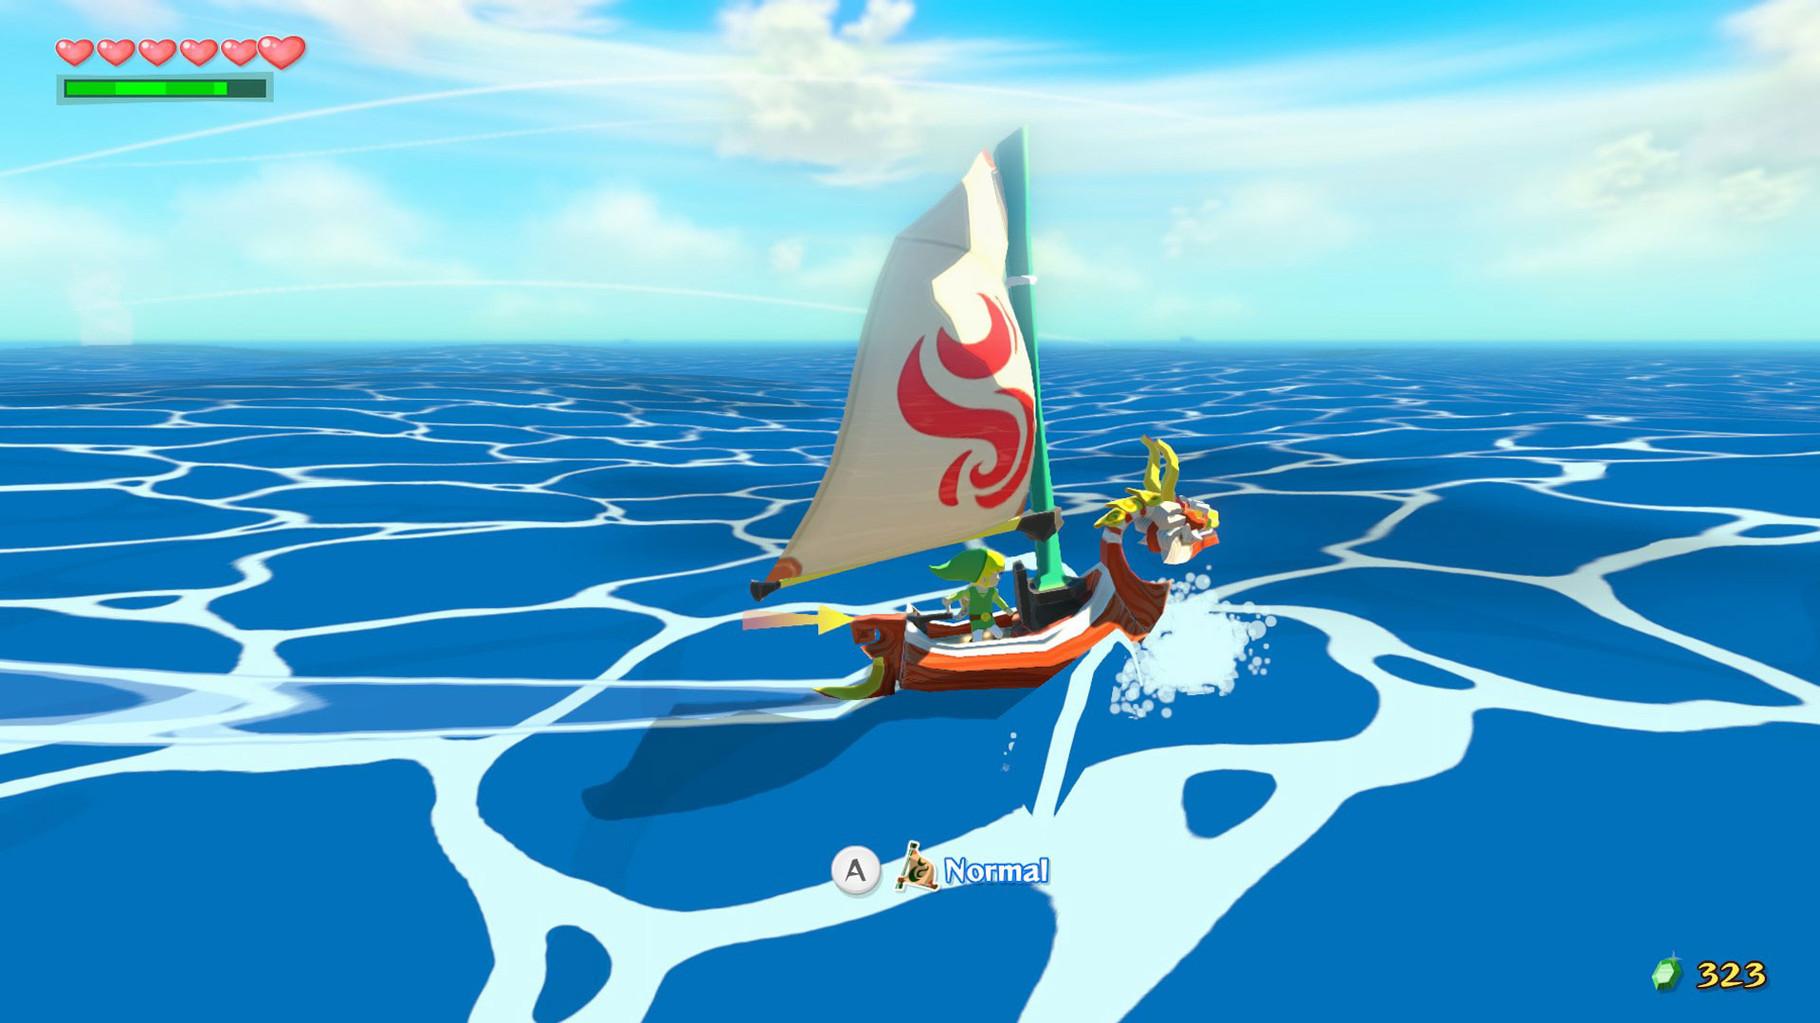 """Sieht nicht so aus, ist aber tatsächlich ein postapokalyptisches Abenteuer: """"Zelda: Wind Waker"""" spielt in einer """"Water World""""-ähnlichen Ozean-'Wüste'. Die Götter haben die Spielwelt geflutet, um ein unbesiegbares Übel aufzuhalten."""